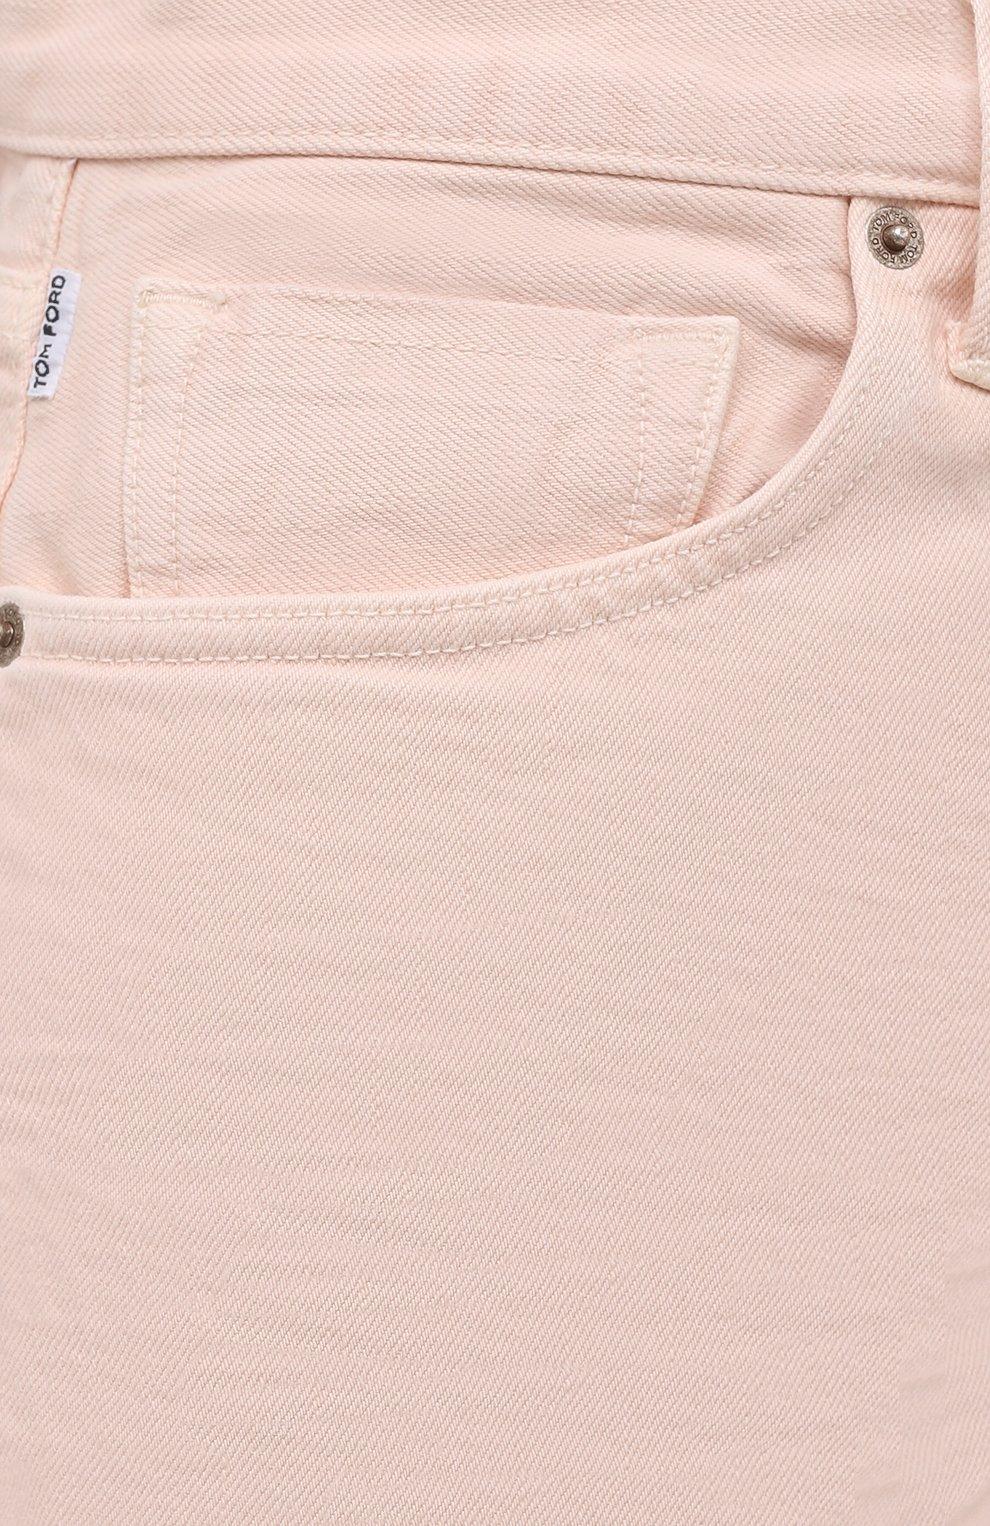 Мужские джинсы TOM FORD светло-розового цвета, арт. BWJ32/TFD002 | Фото 5 (Силуэт М (брюки): Прямые; Кросс-КТ: Деним; Длина (брюки, джинсы): Стандартные; Материал внешний: Хлопок; Стили: Кэжуэл)